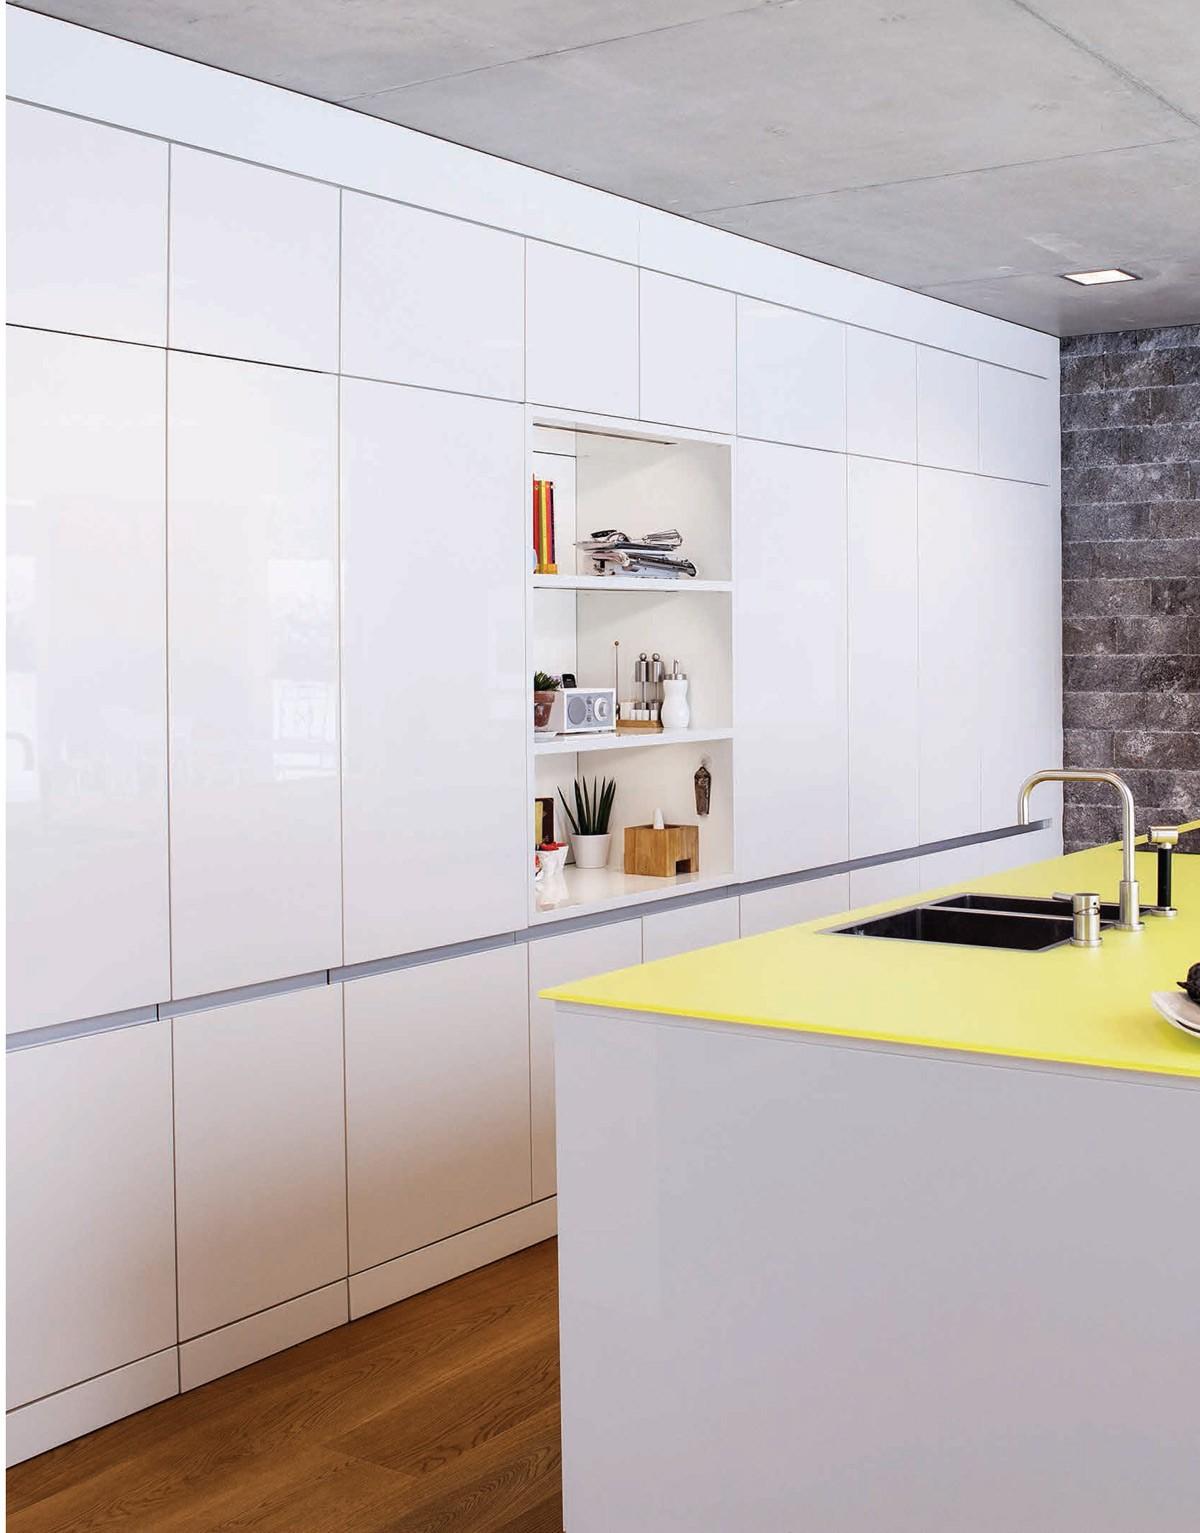 Arquitectura cocina la precisi n de los detalles en - Zelari de nuzzi ...